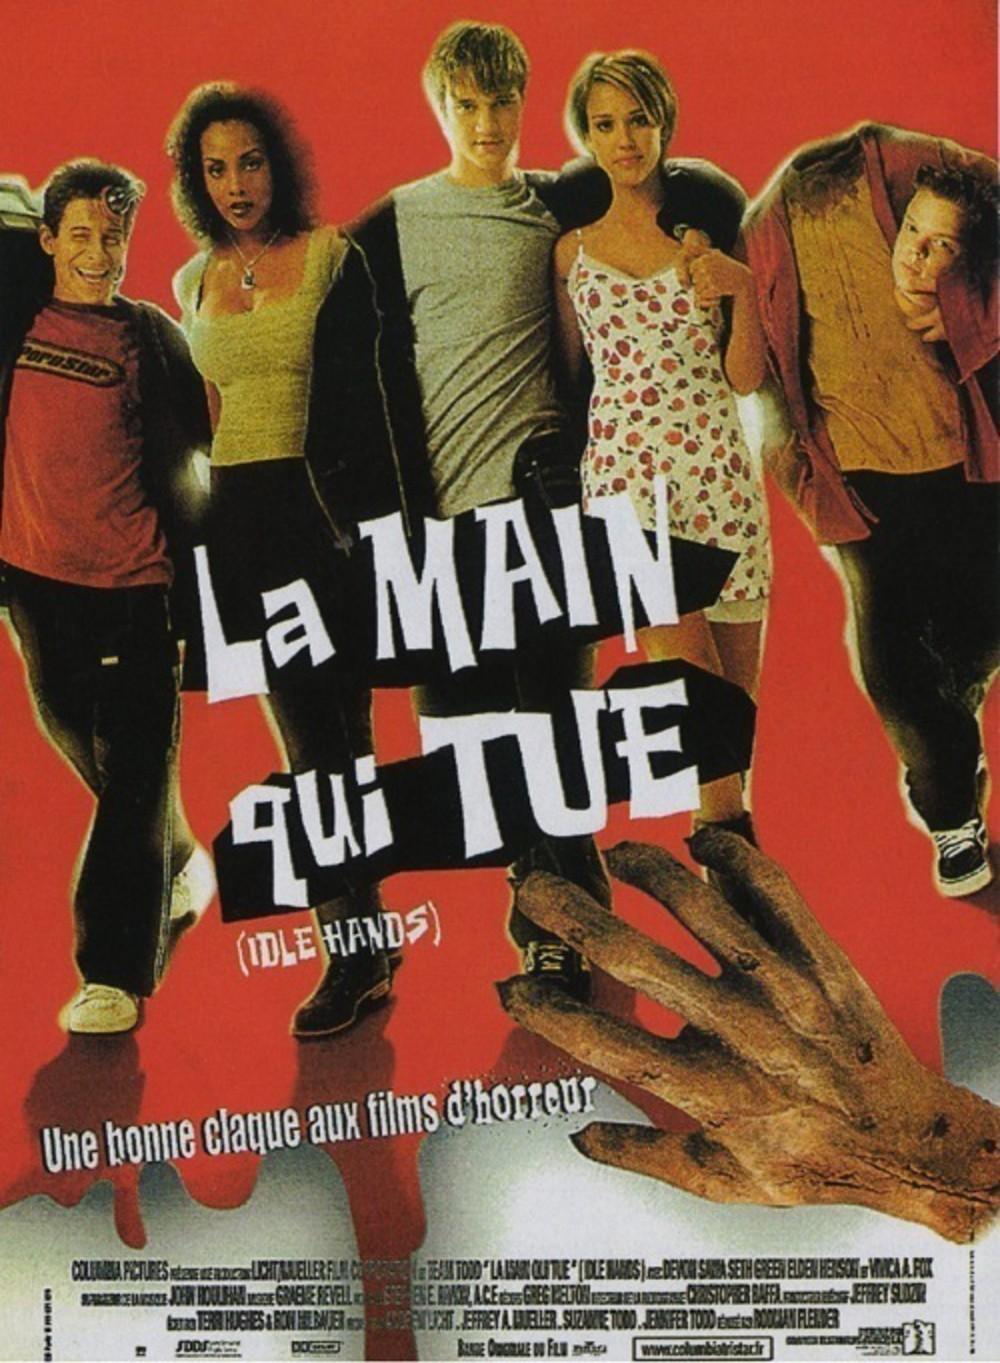 affiche du film La main qui tue